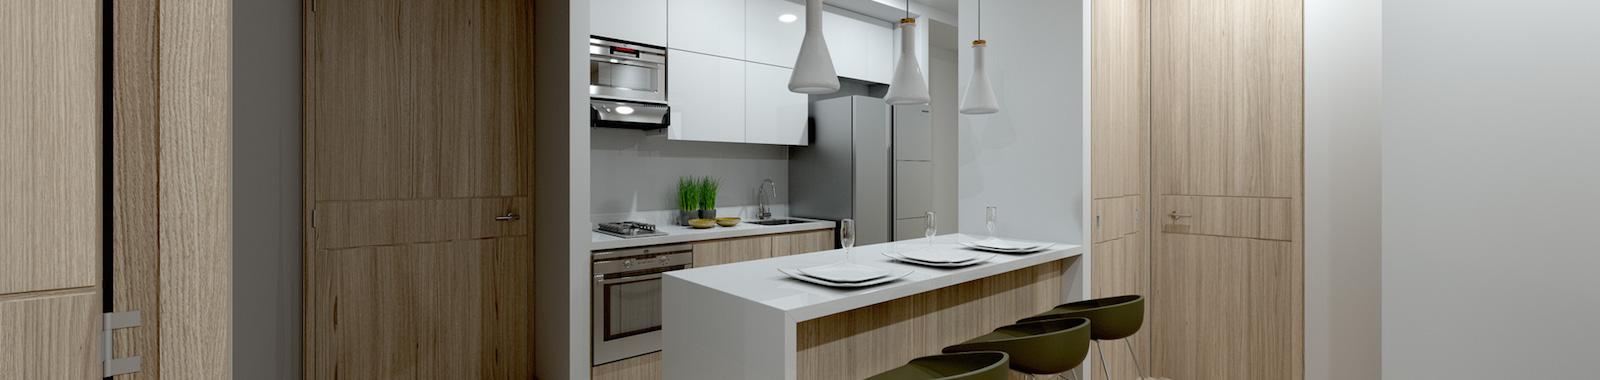 Entrada y cocina de Class Suites, proyecto de Crear Cimientos